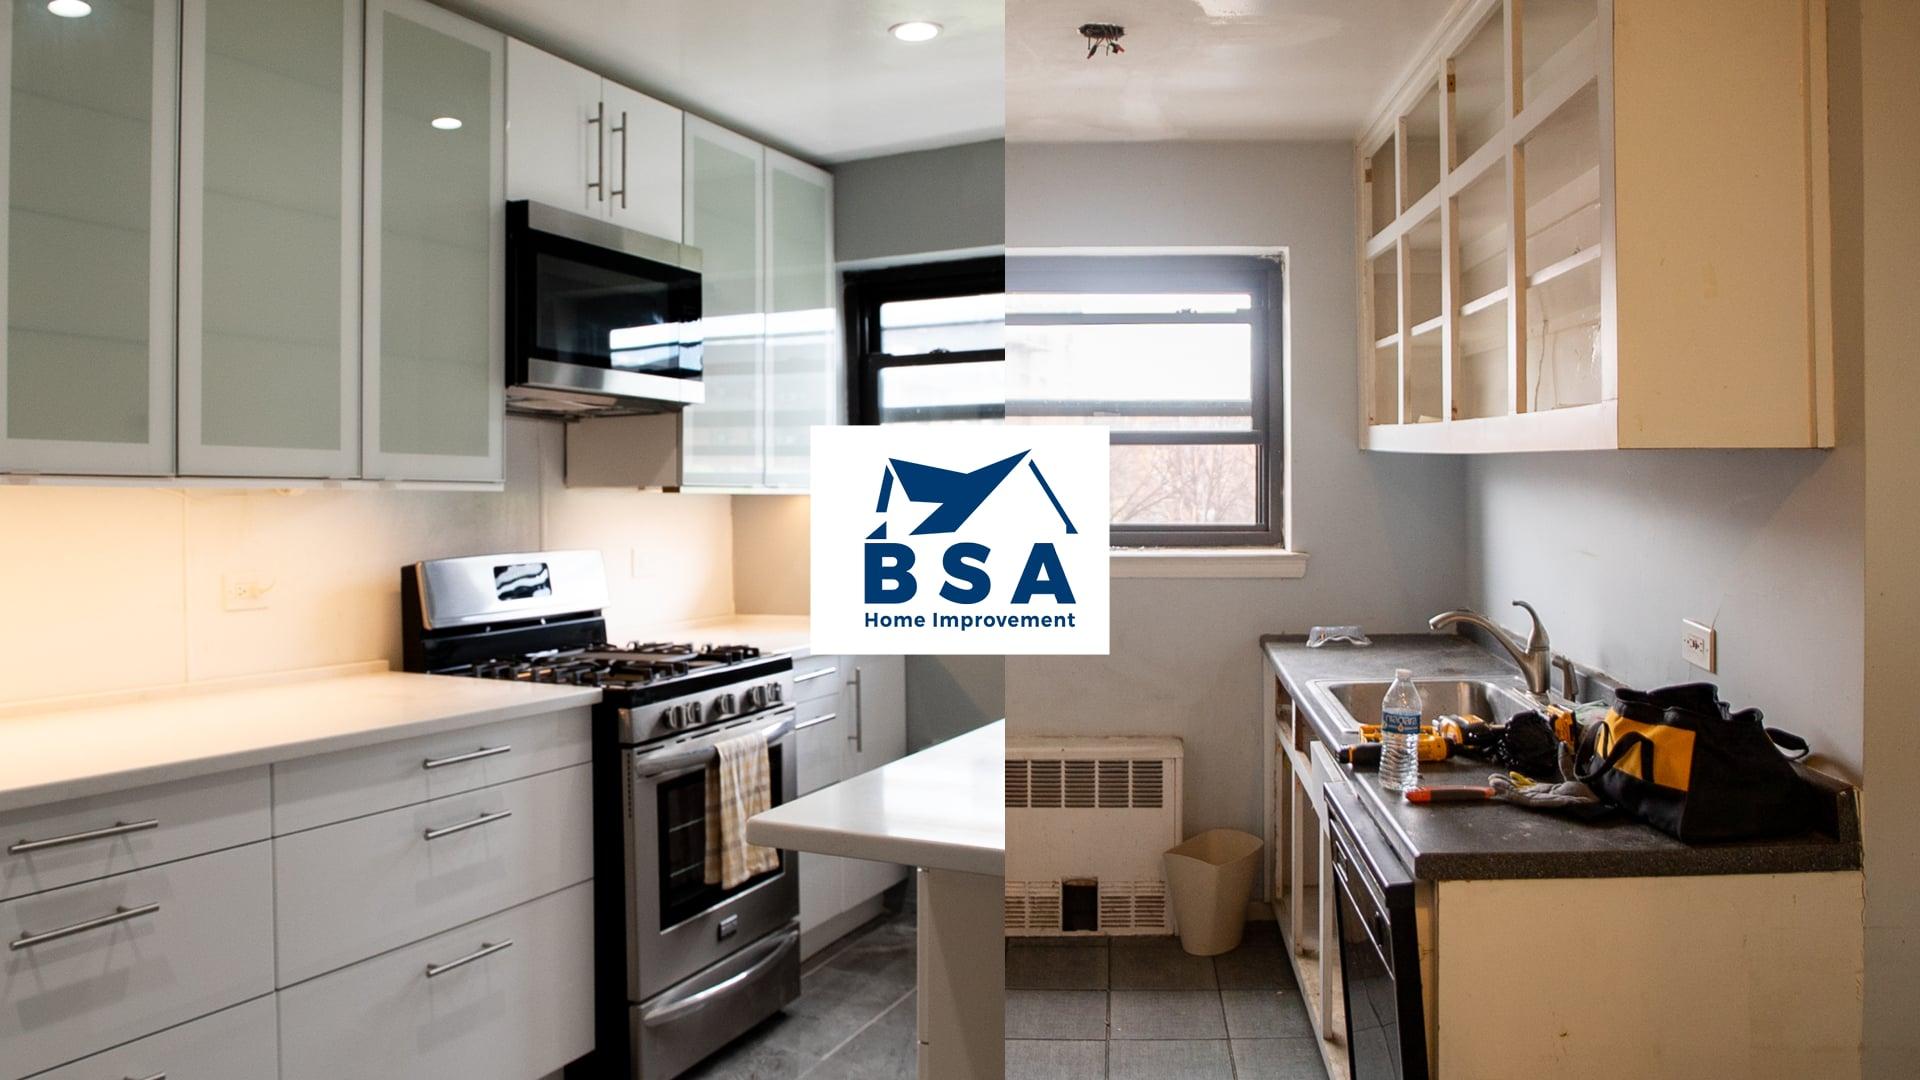 BSA Home Improvement Contractors